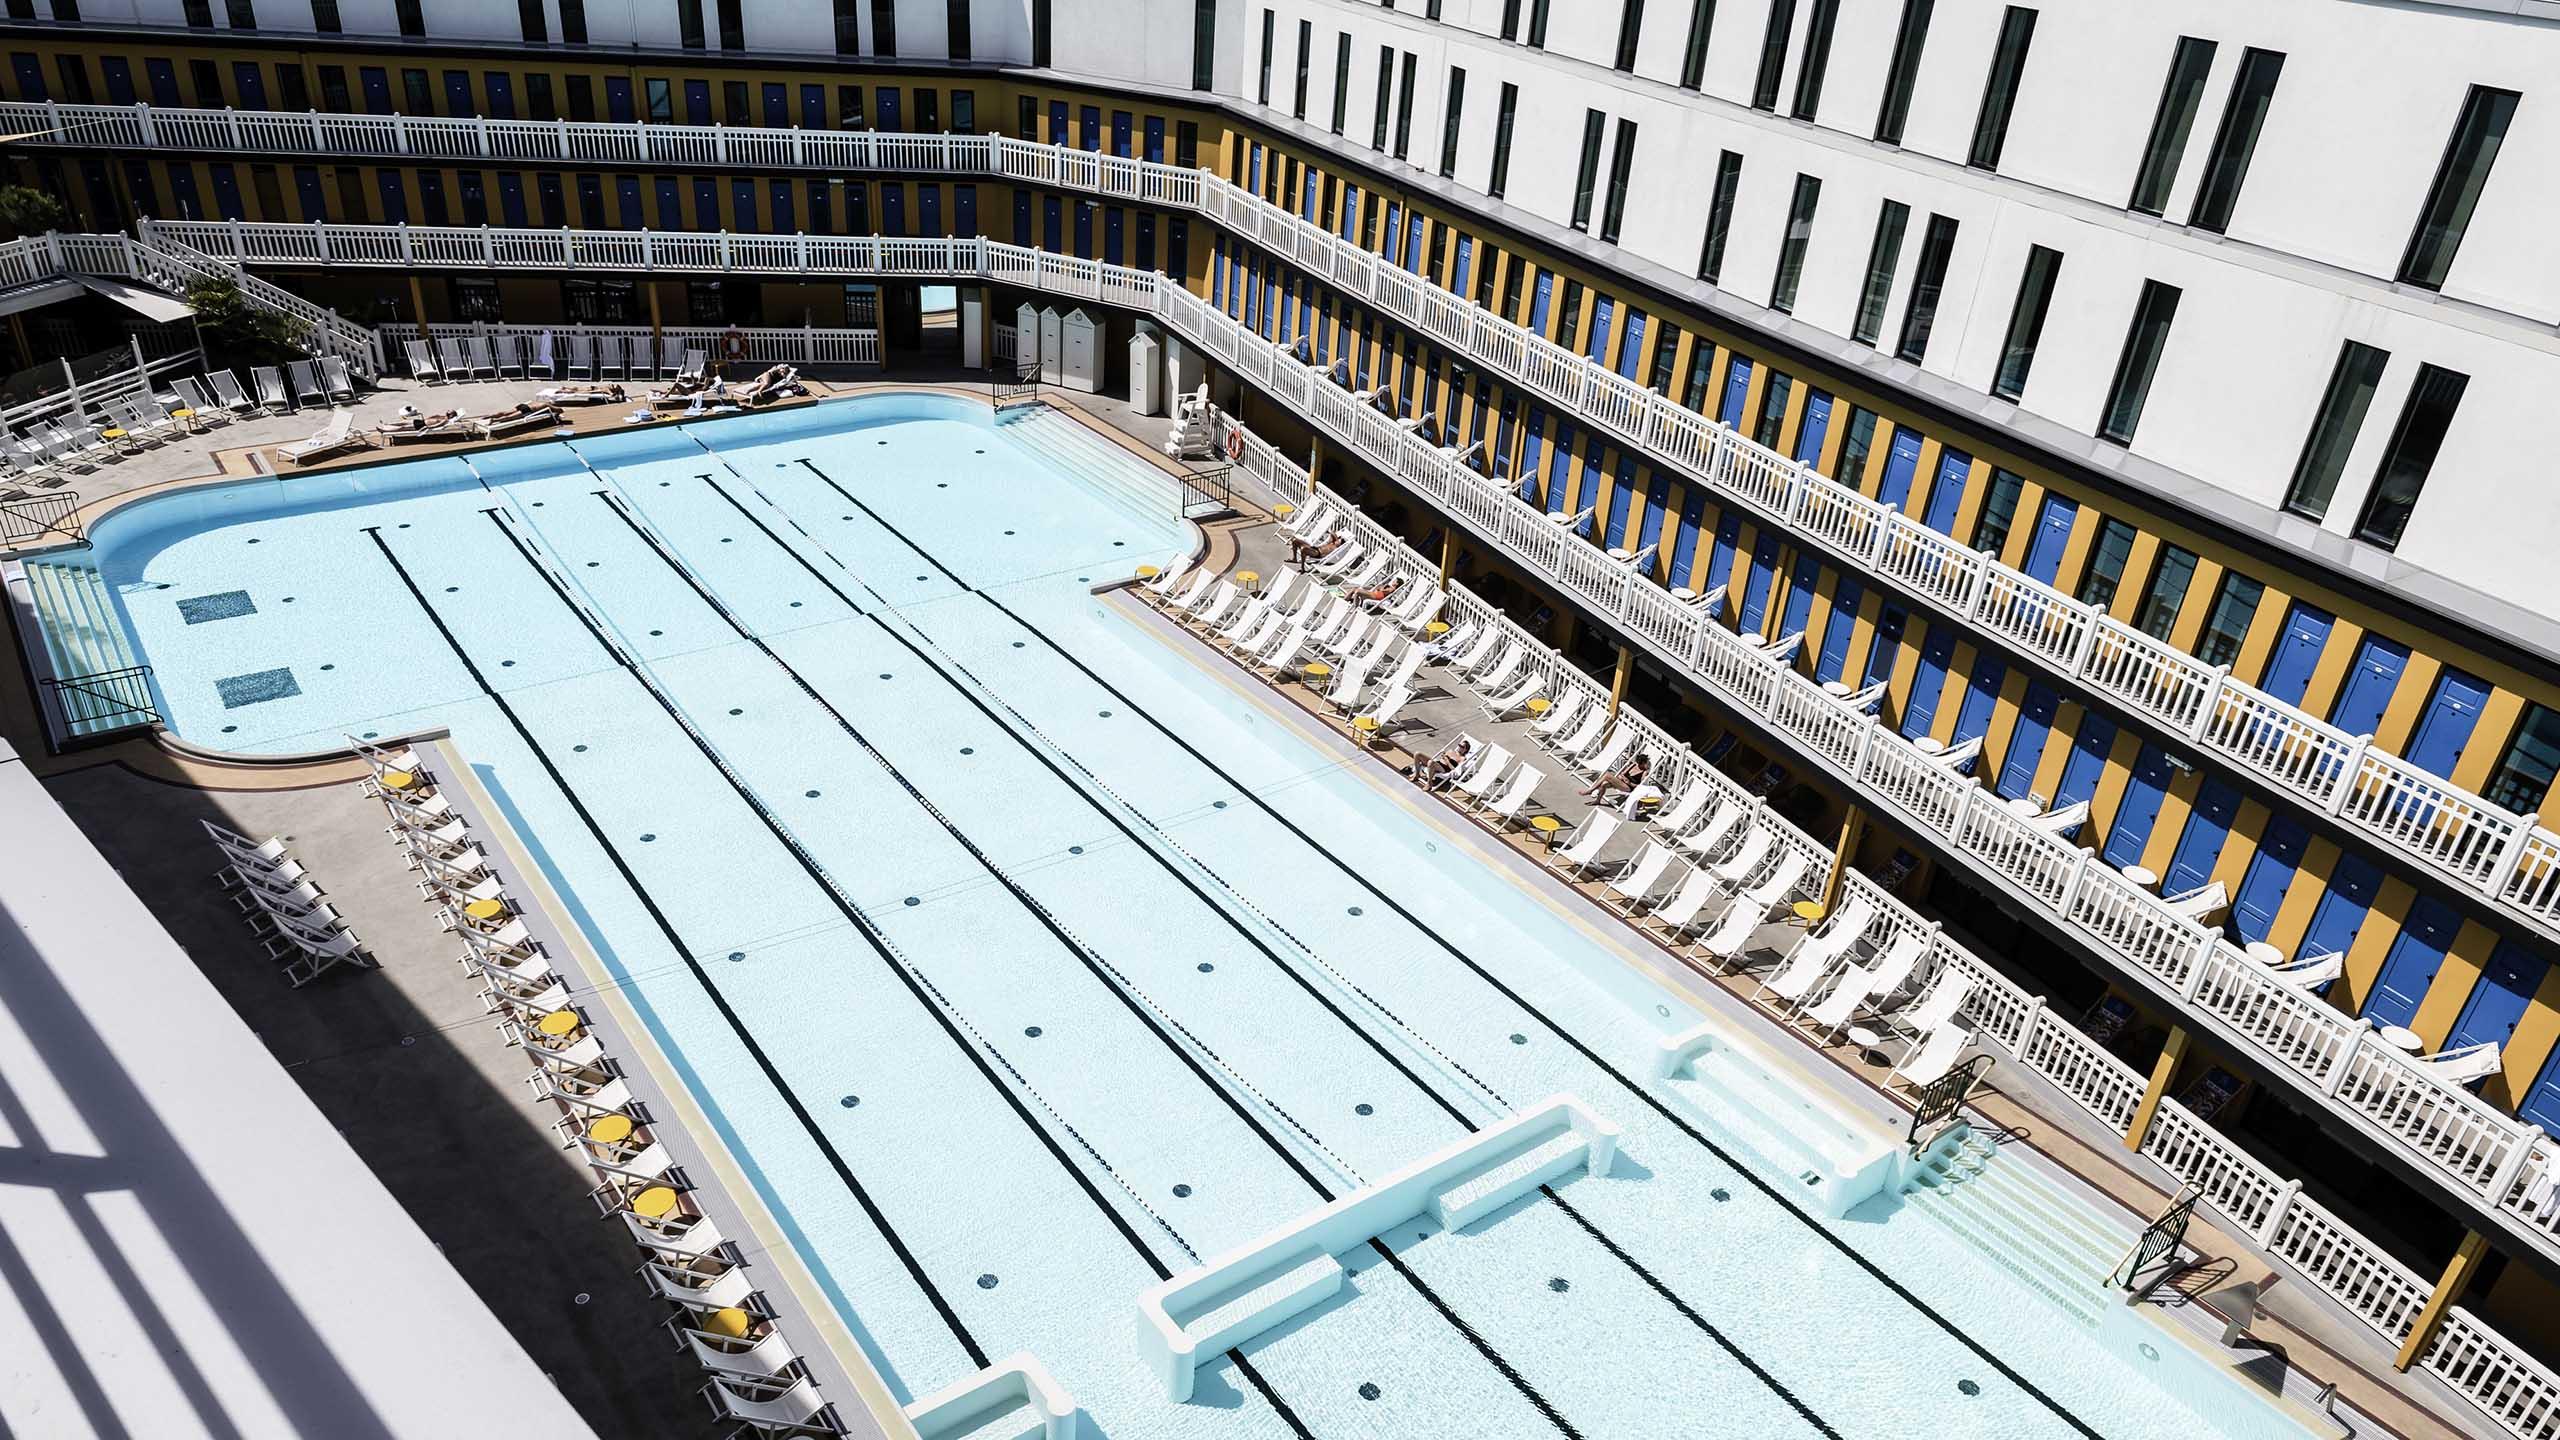 L'hôtel Molitor fait partie des établissements partenaires de la plateforme staycation.fr - Staycation